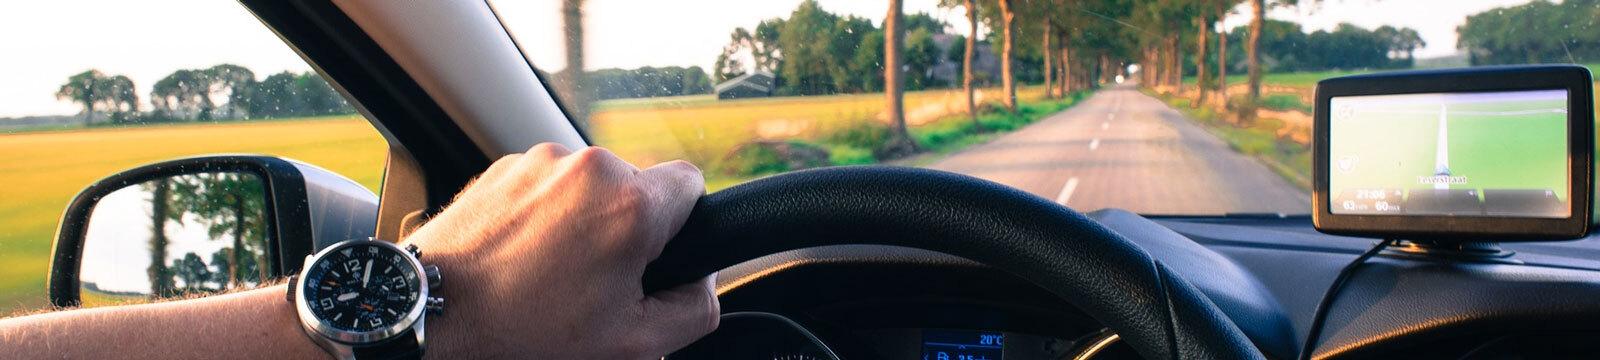 Auto rijden inline